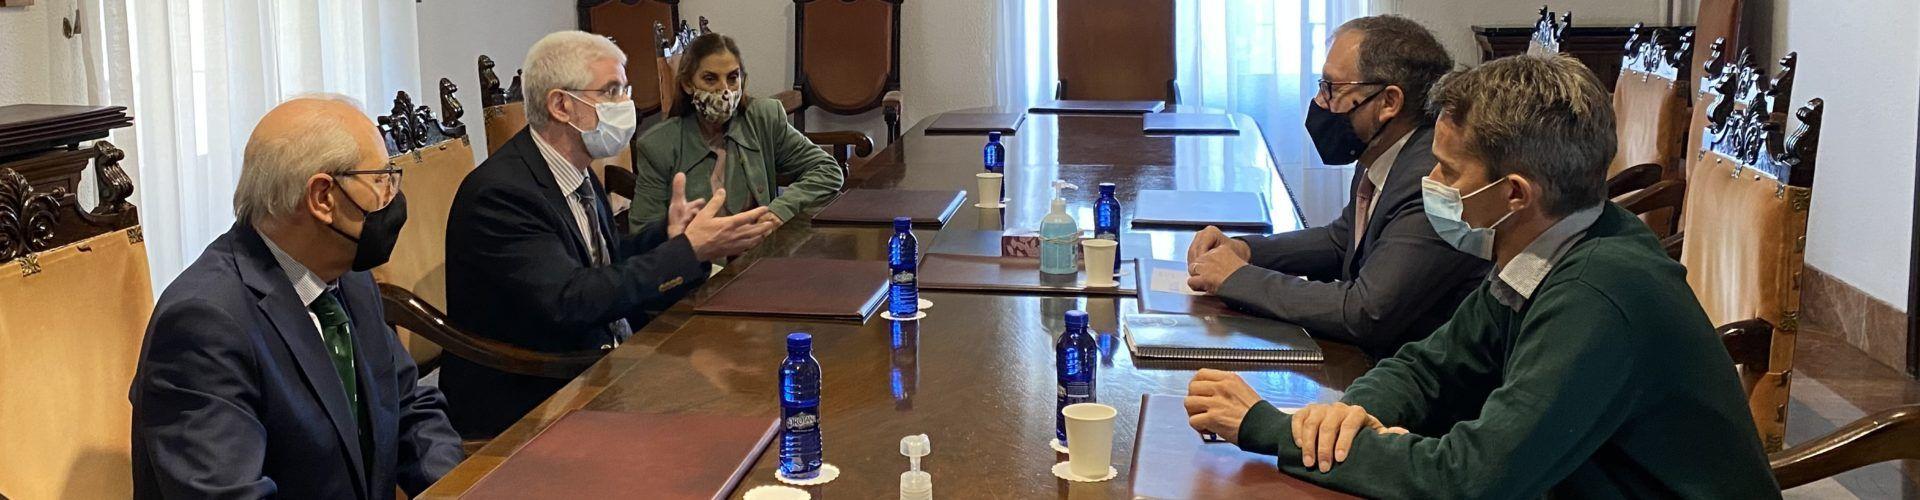 Martí advoca per millorar les condicions professionals dels metges rurals perquè s'establisquen a l'interior